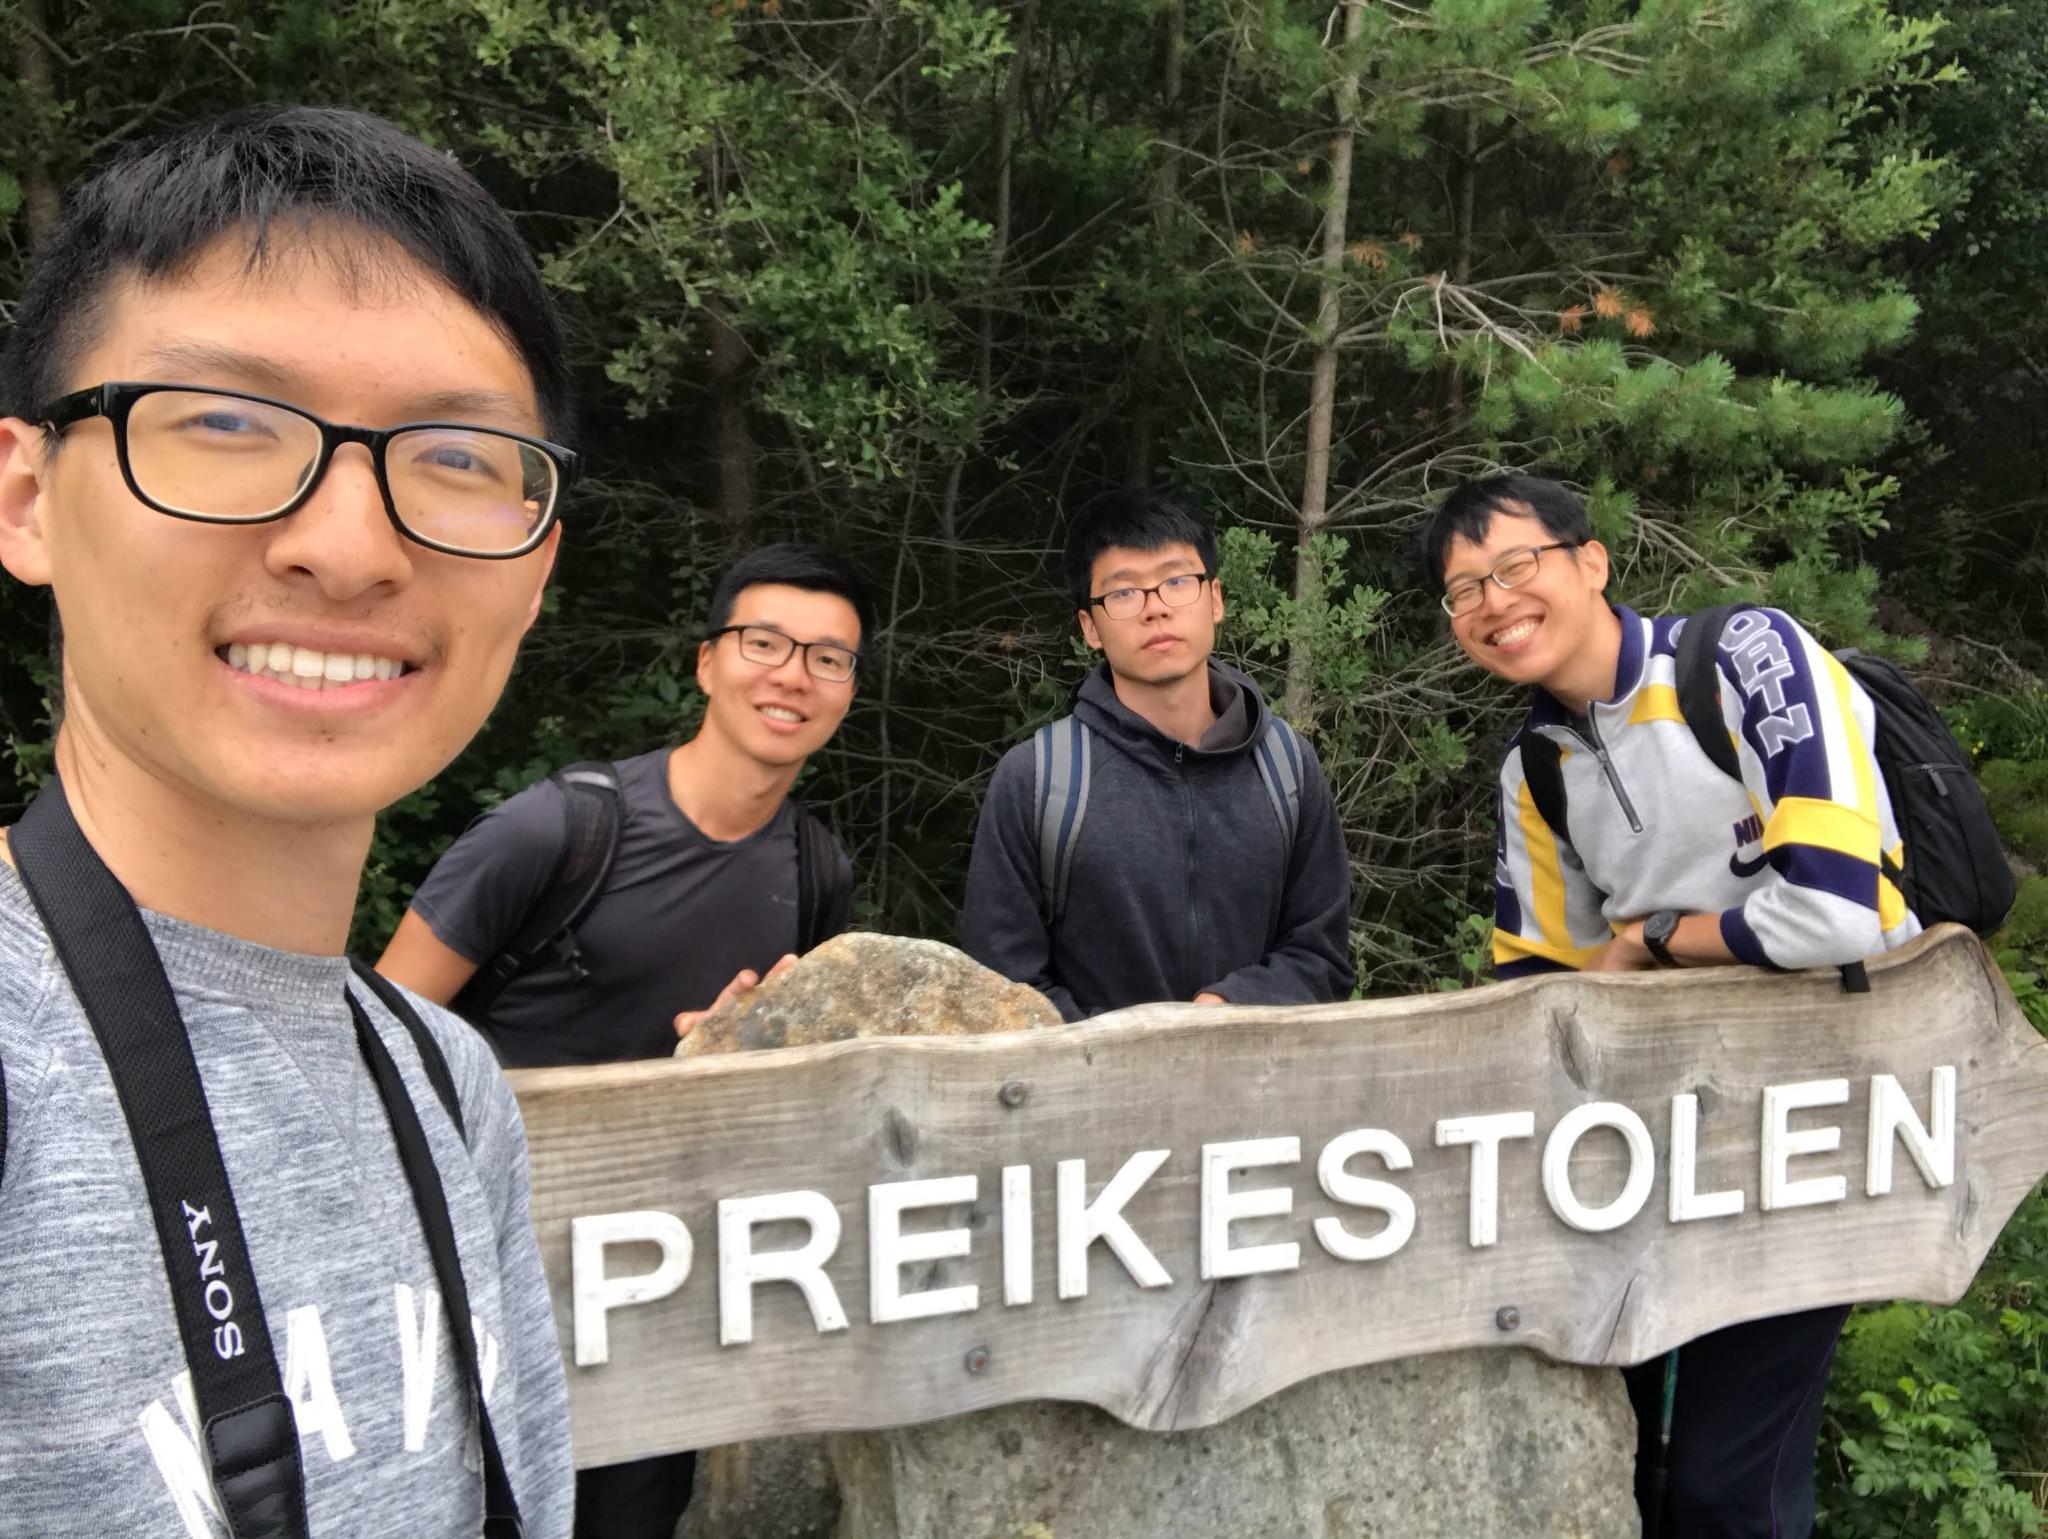 【北歐景點】朝聖挪威三大奇岩:聖壇岩Preikestolen健行紀錄 8